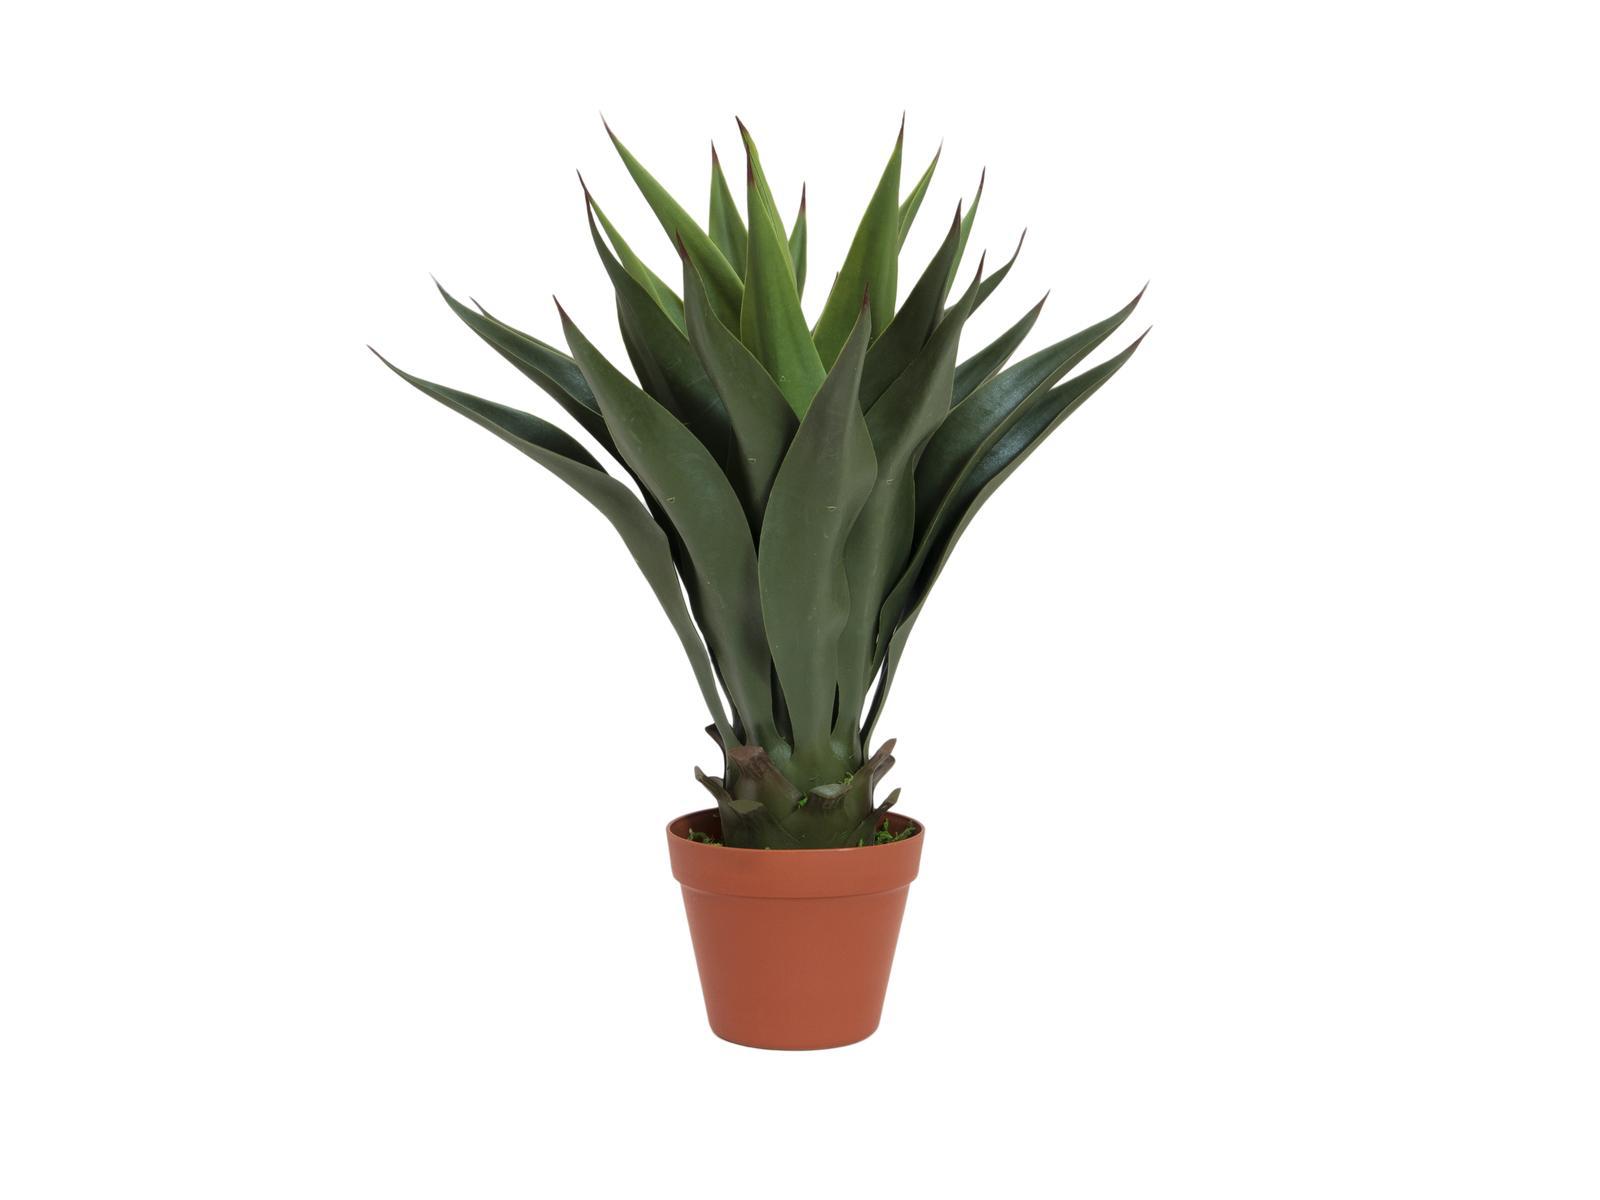 EUROPALMS pianta artificiale YUCCA colore verde scuro, 50cm